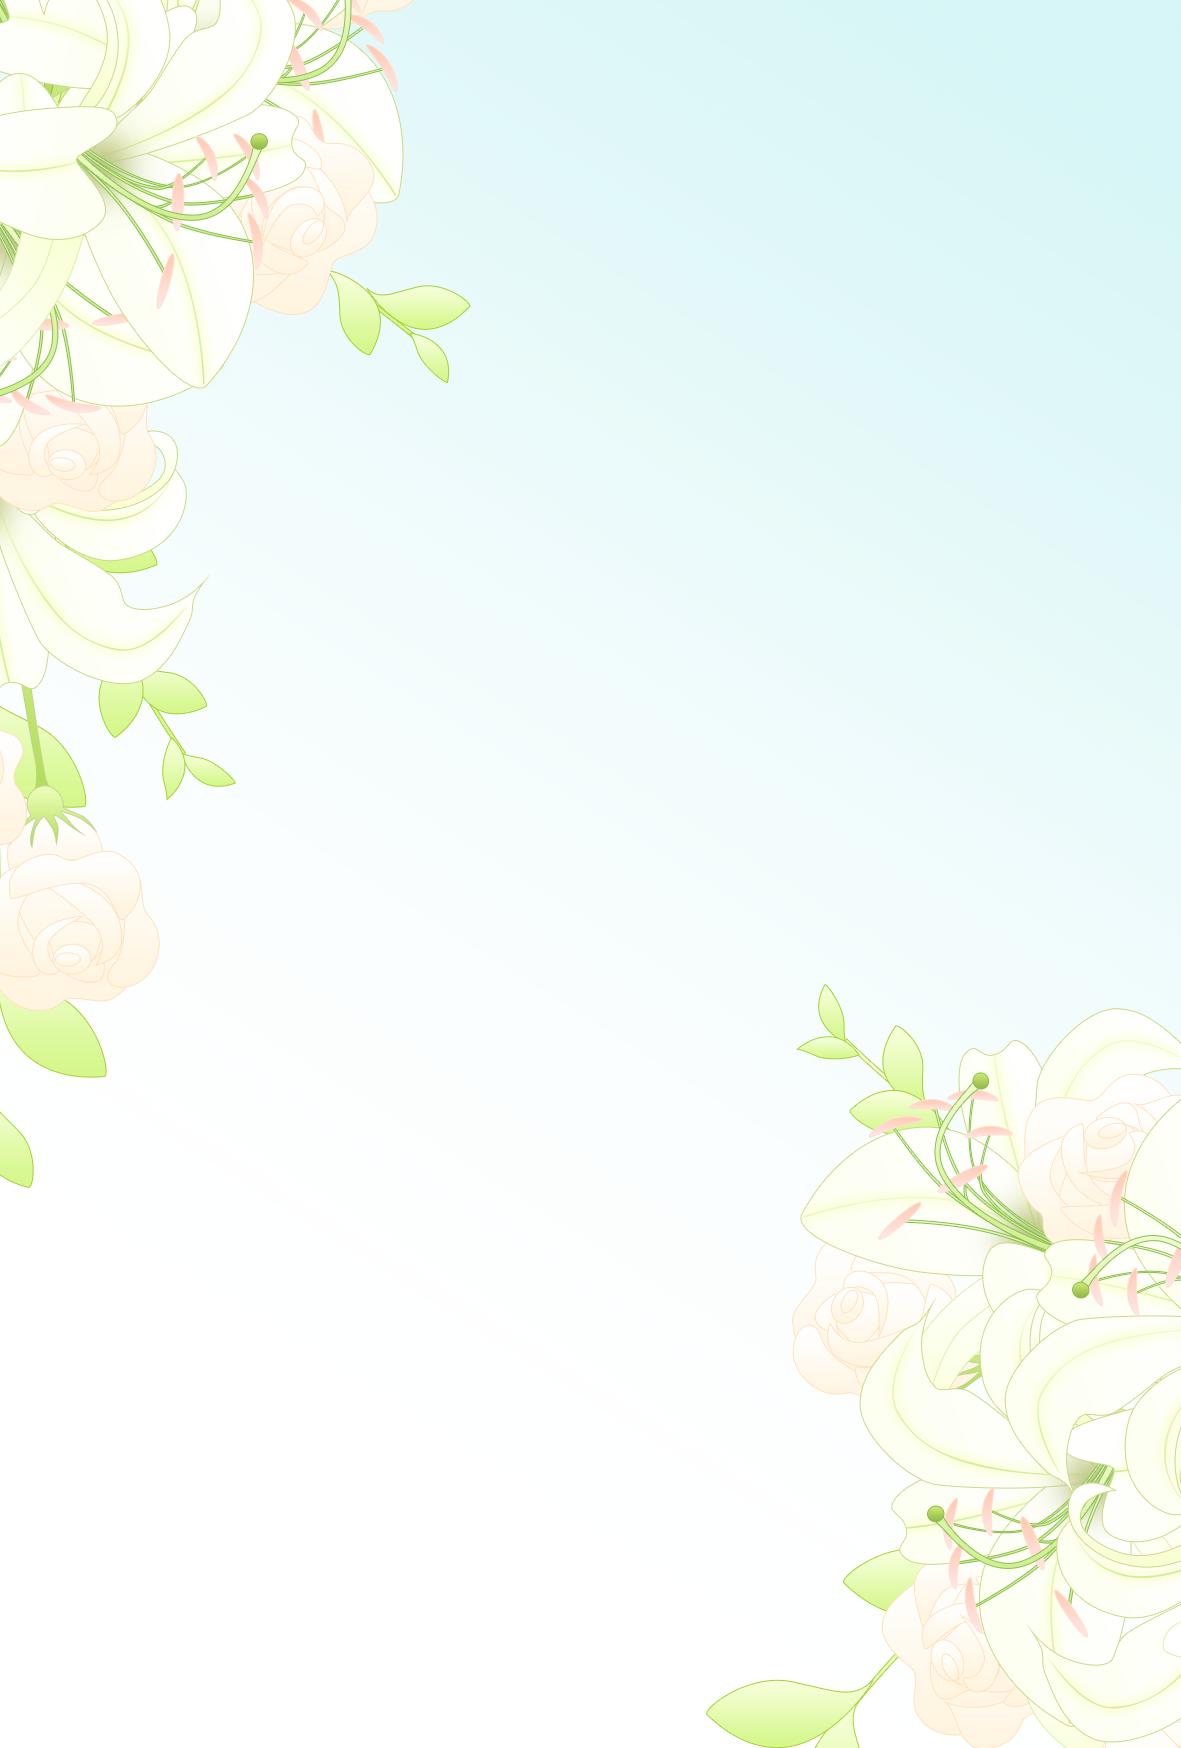 名刺 テンプレート 無料 花 柄